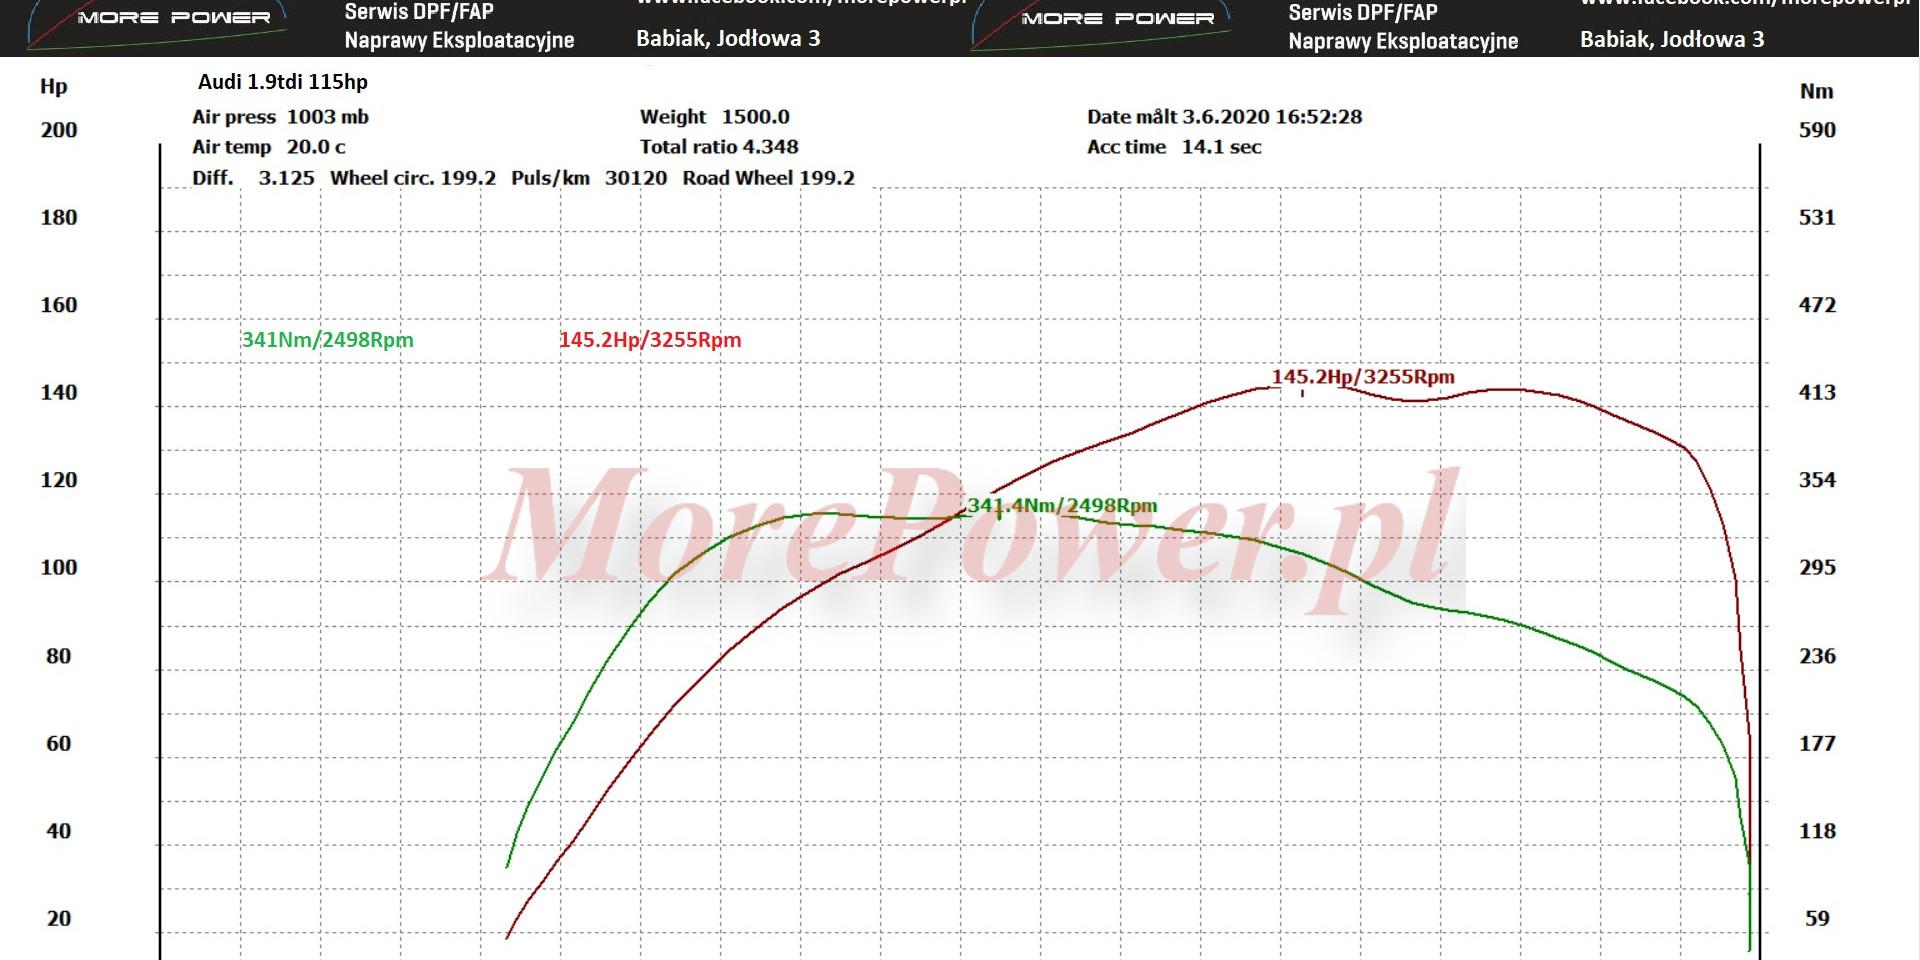 Audi 1.9tdi 115hp -> 145.2Nm/3255Rpm 341Nm/2498Rpm